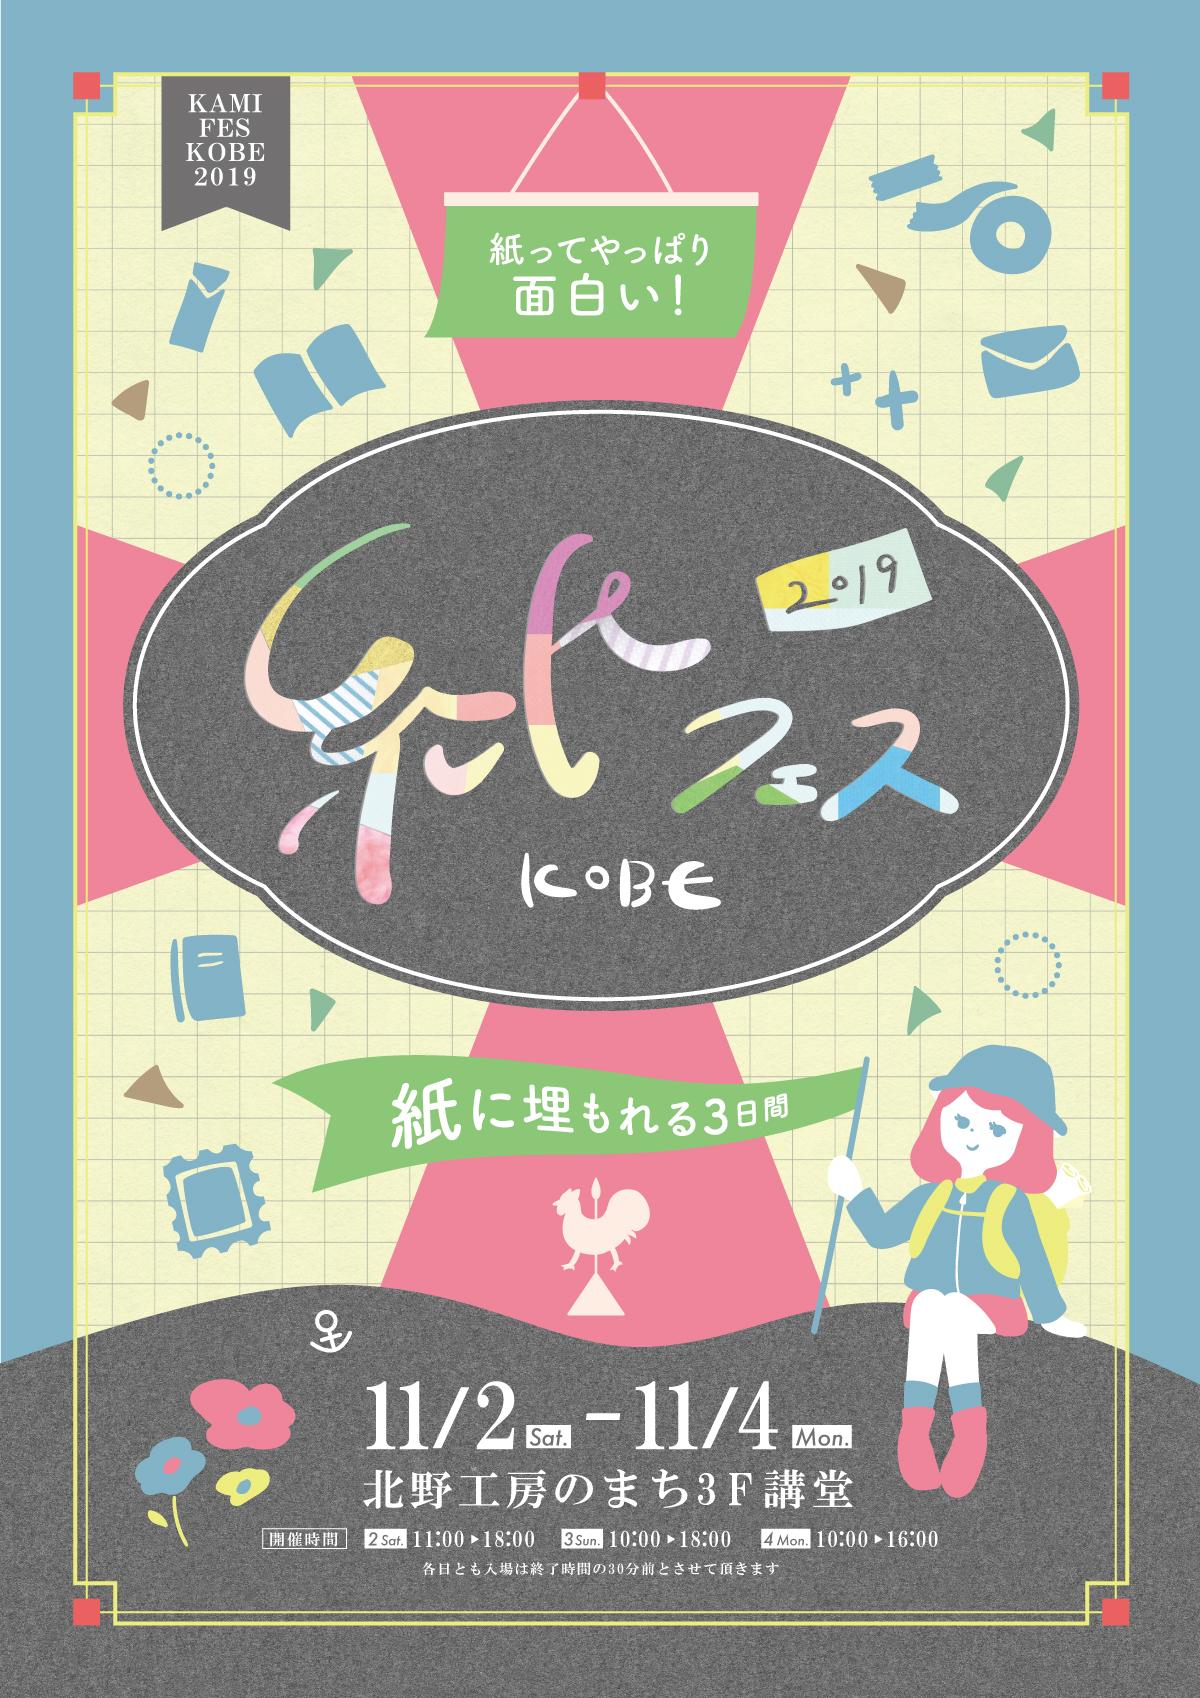 紙好きにはたまらない、いろんな紙に出会えるイベント『紙フェスKOBE』を北野工房のまちで令和元年も開催します!